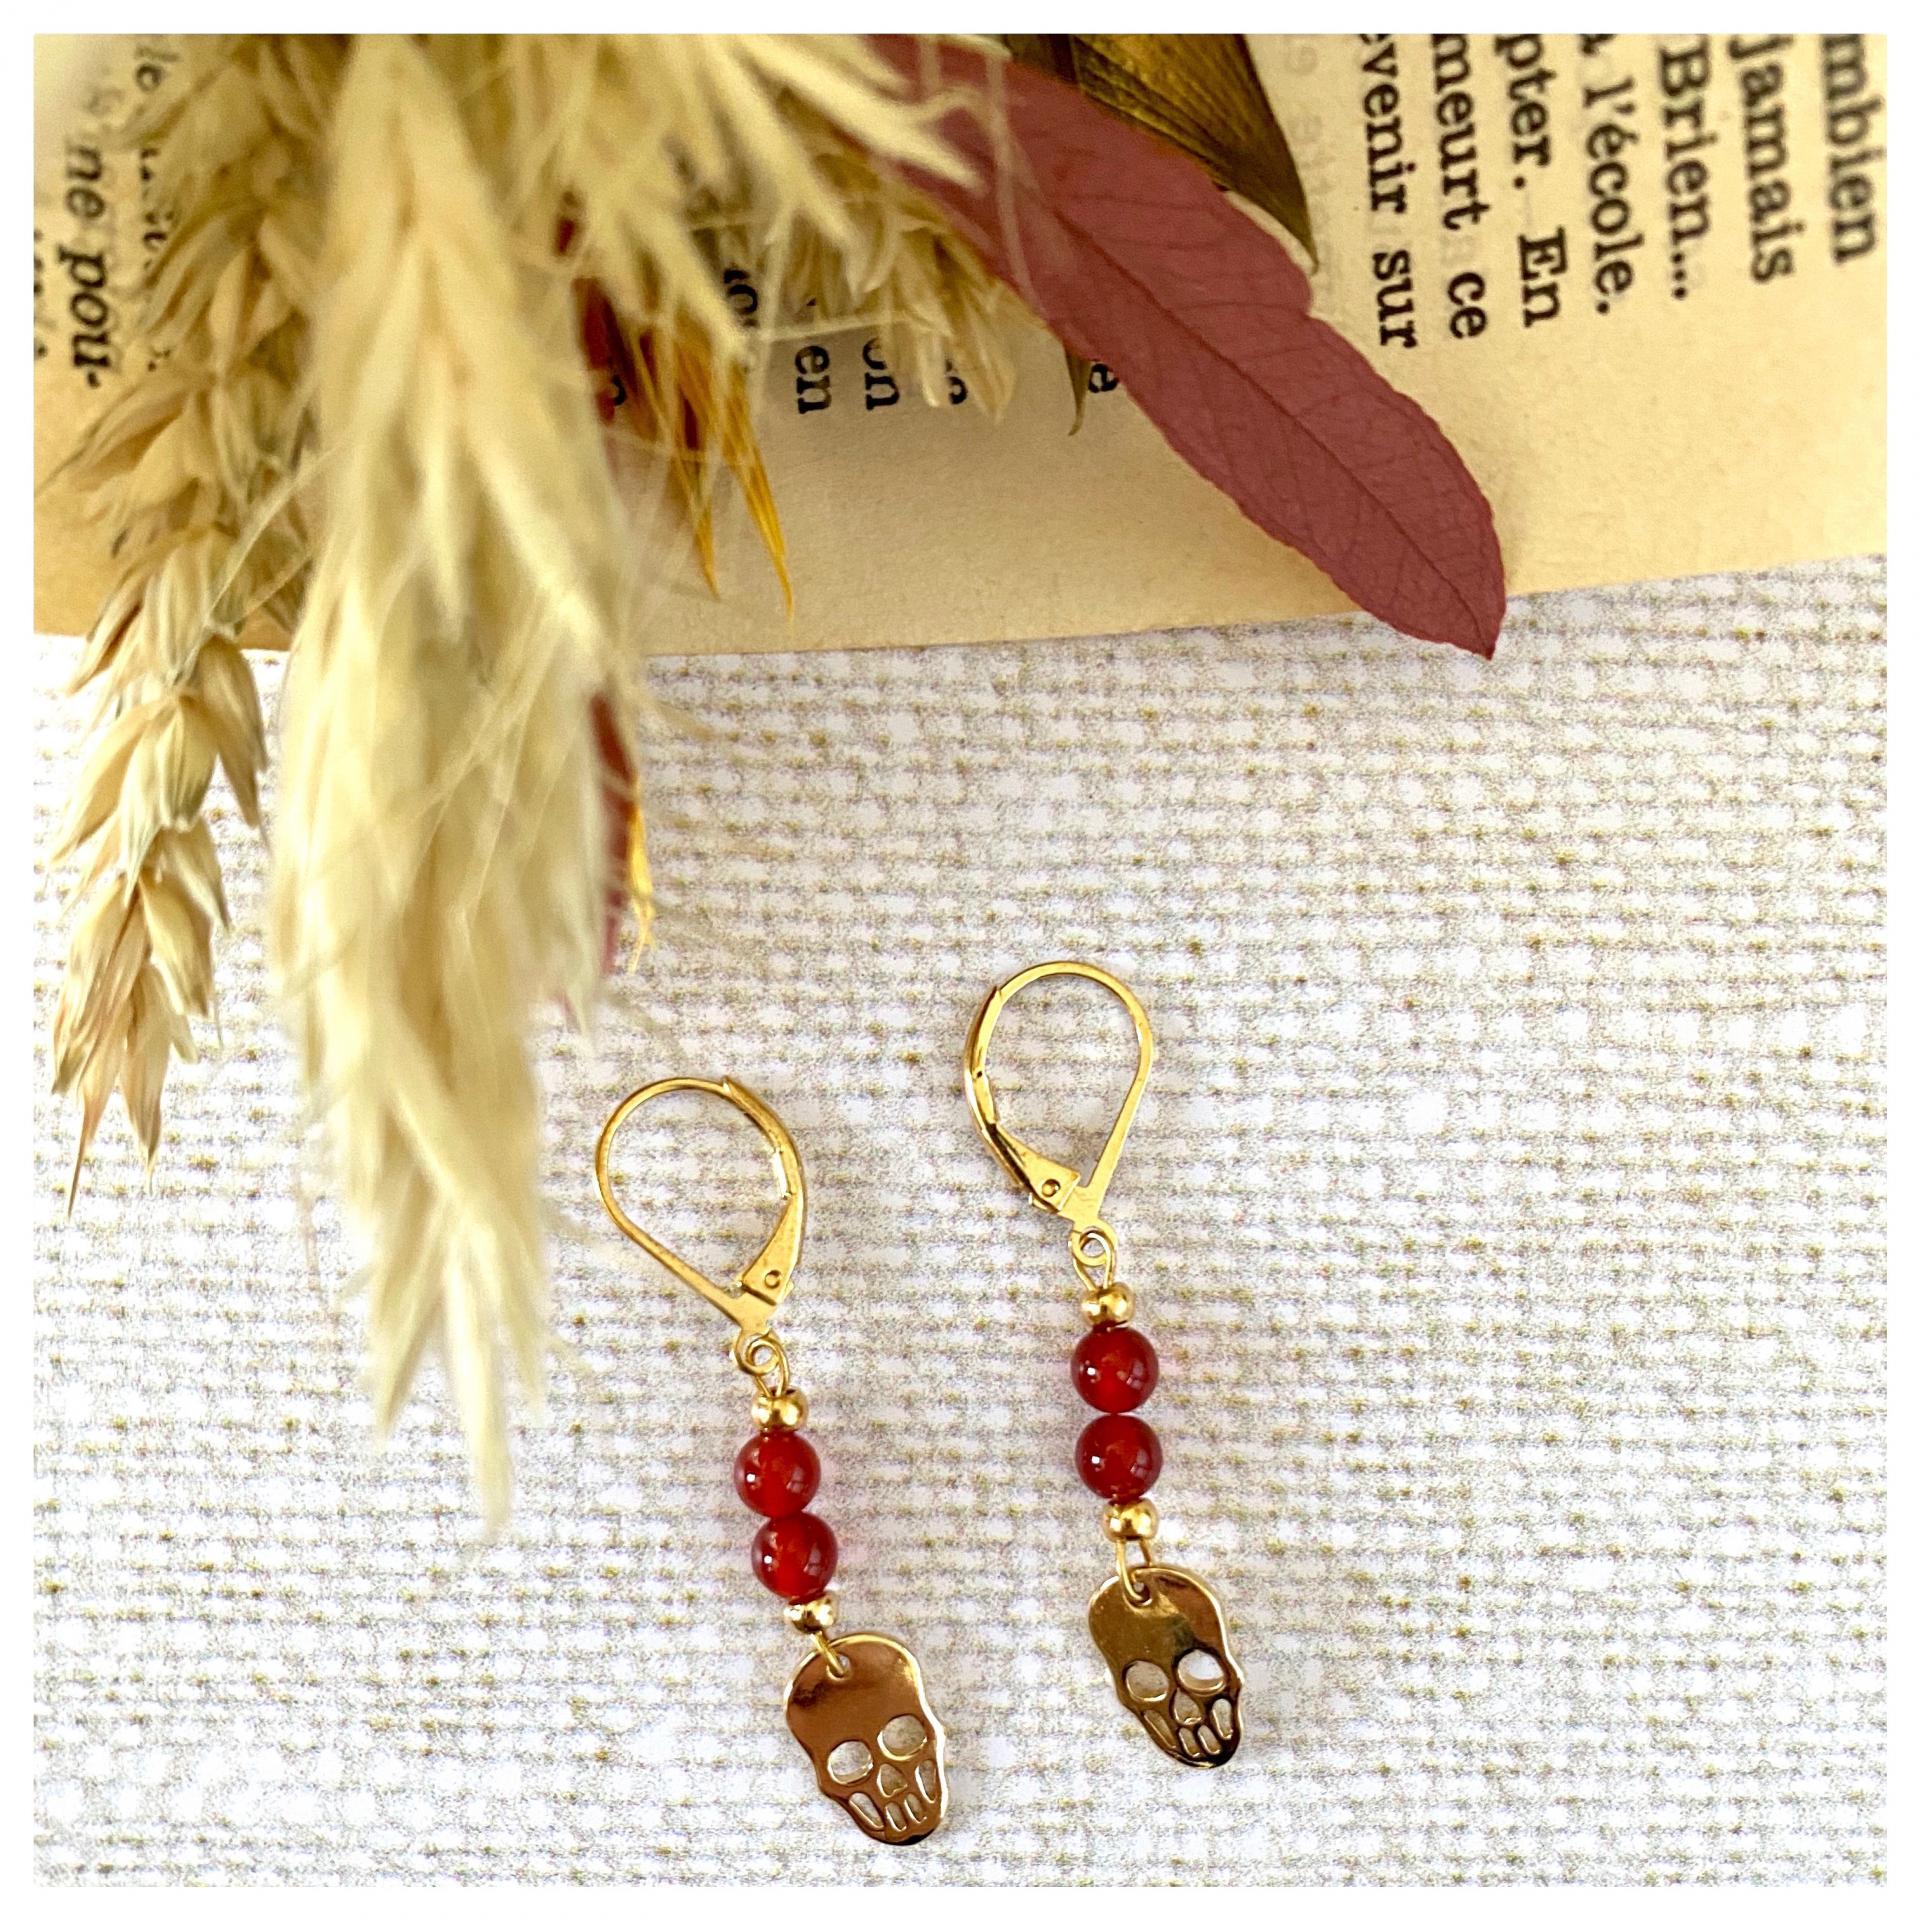 Boucles d'oreilles perles naturelles et pendentif tête de mort plaqué or